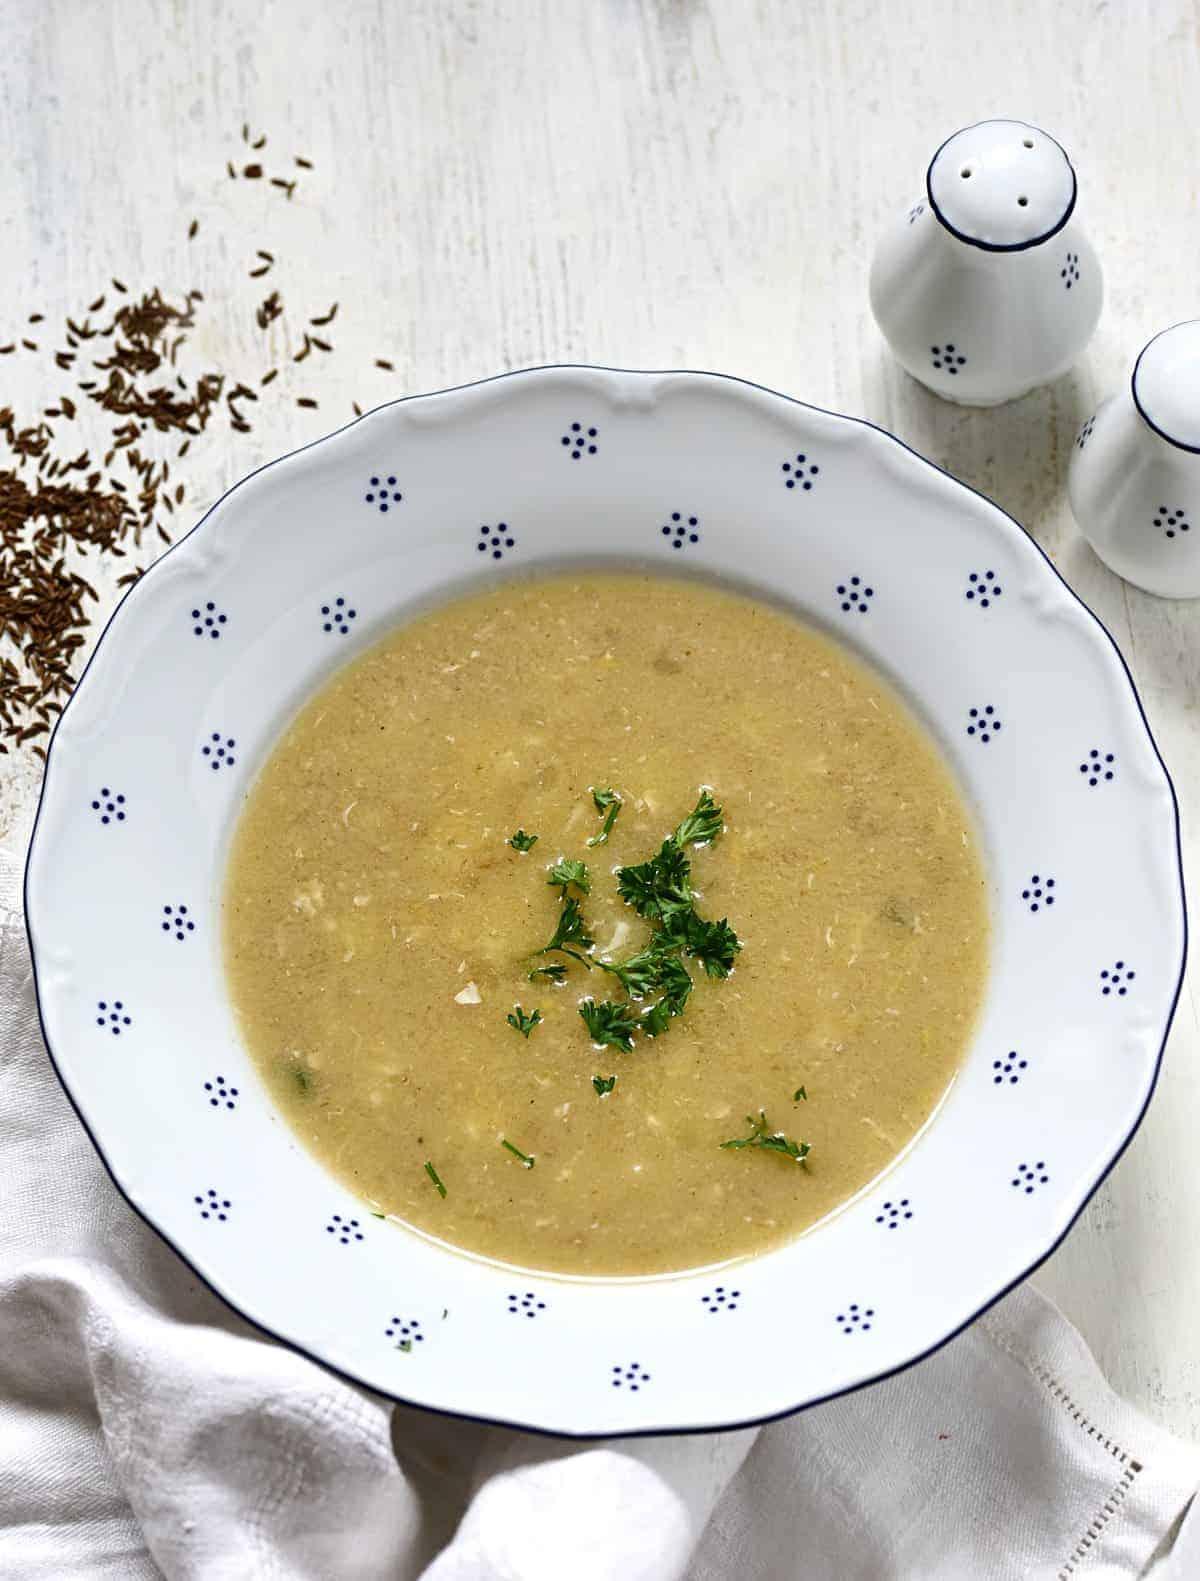 caraway soup Czech kmínová polévka recipe